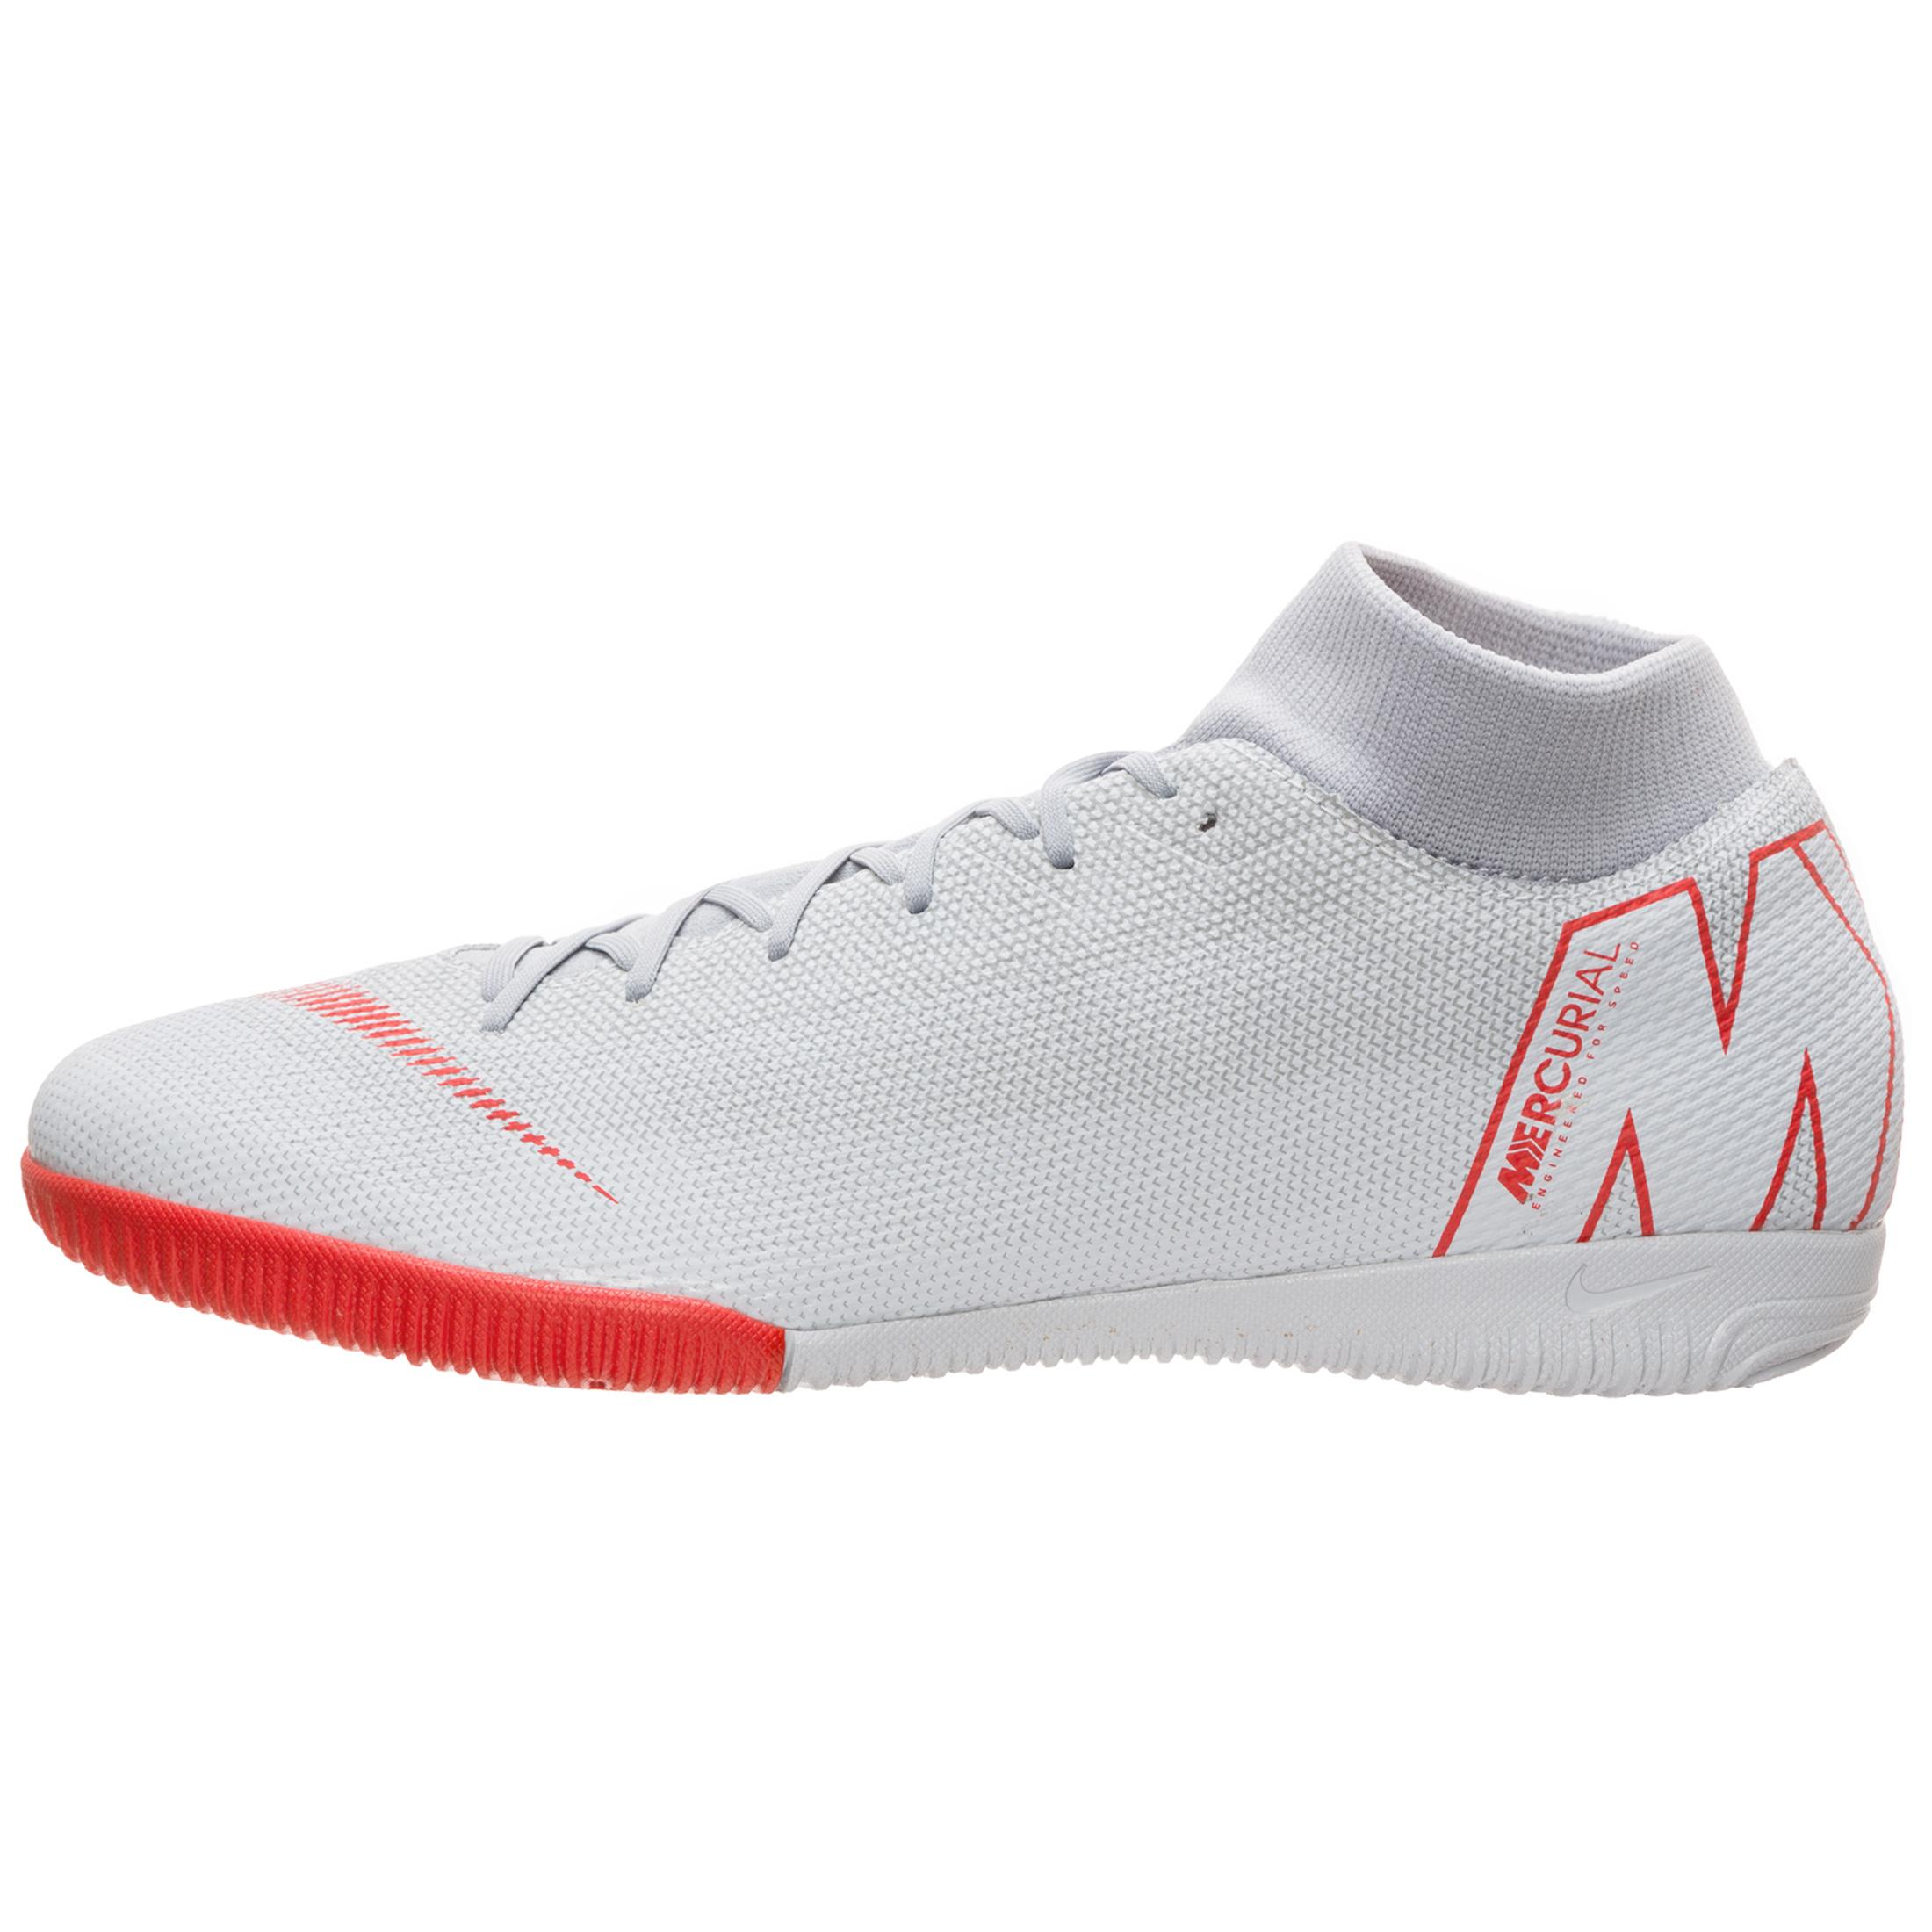 Nike Mercurial SuperflyX SuperflyX SuperflyX VI Academy Fußballschuhe Herren grau / rot im Online Shop von SportScheck kaufen Gute Qualität beliebte Schuhe 085a65